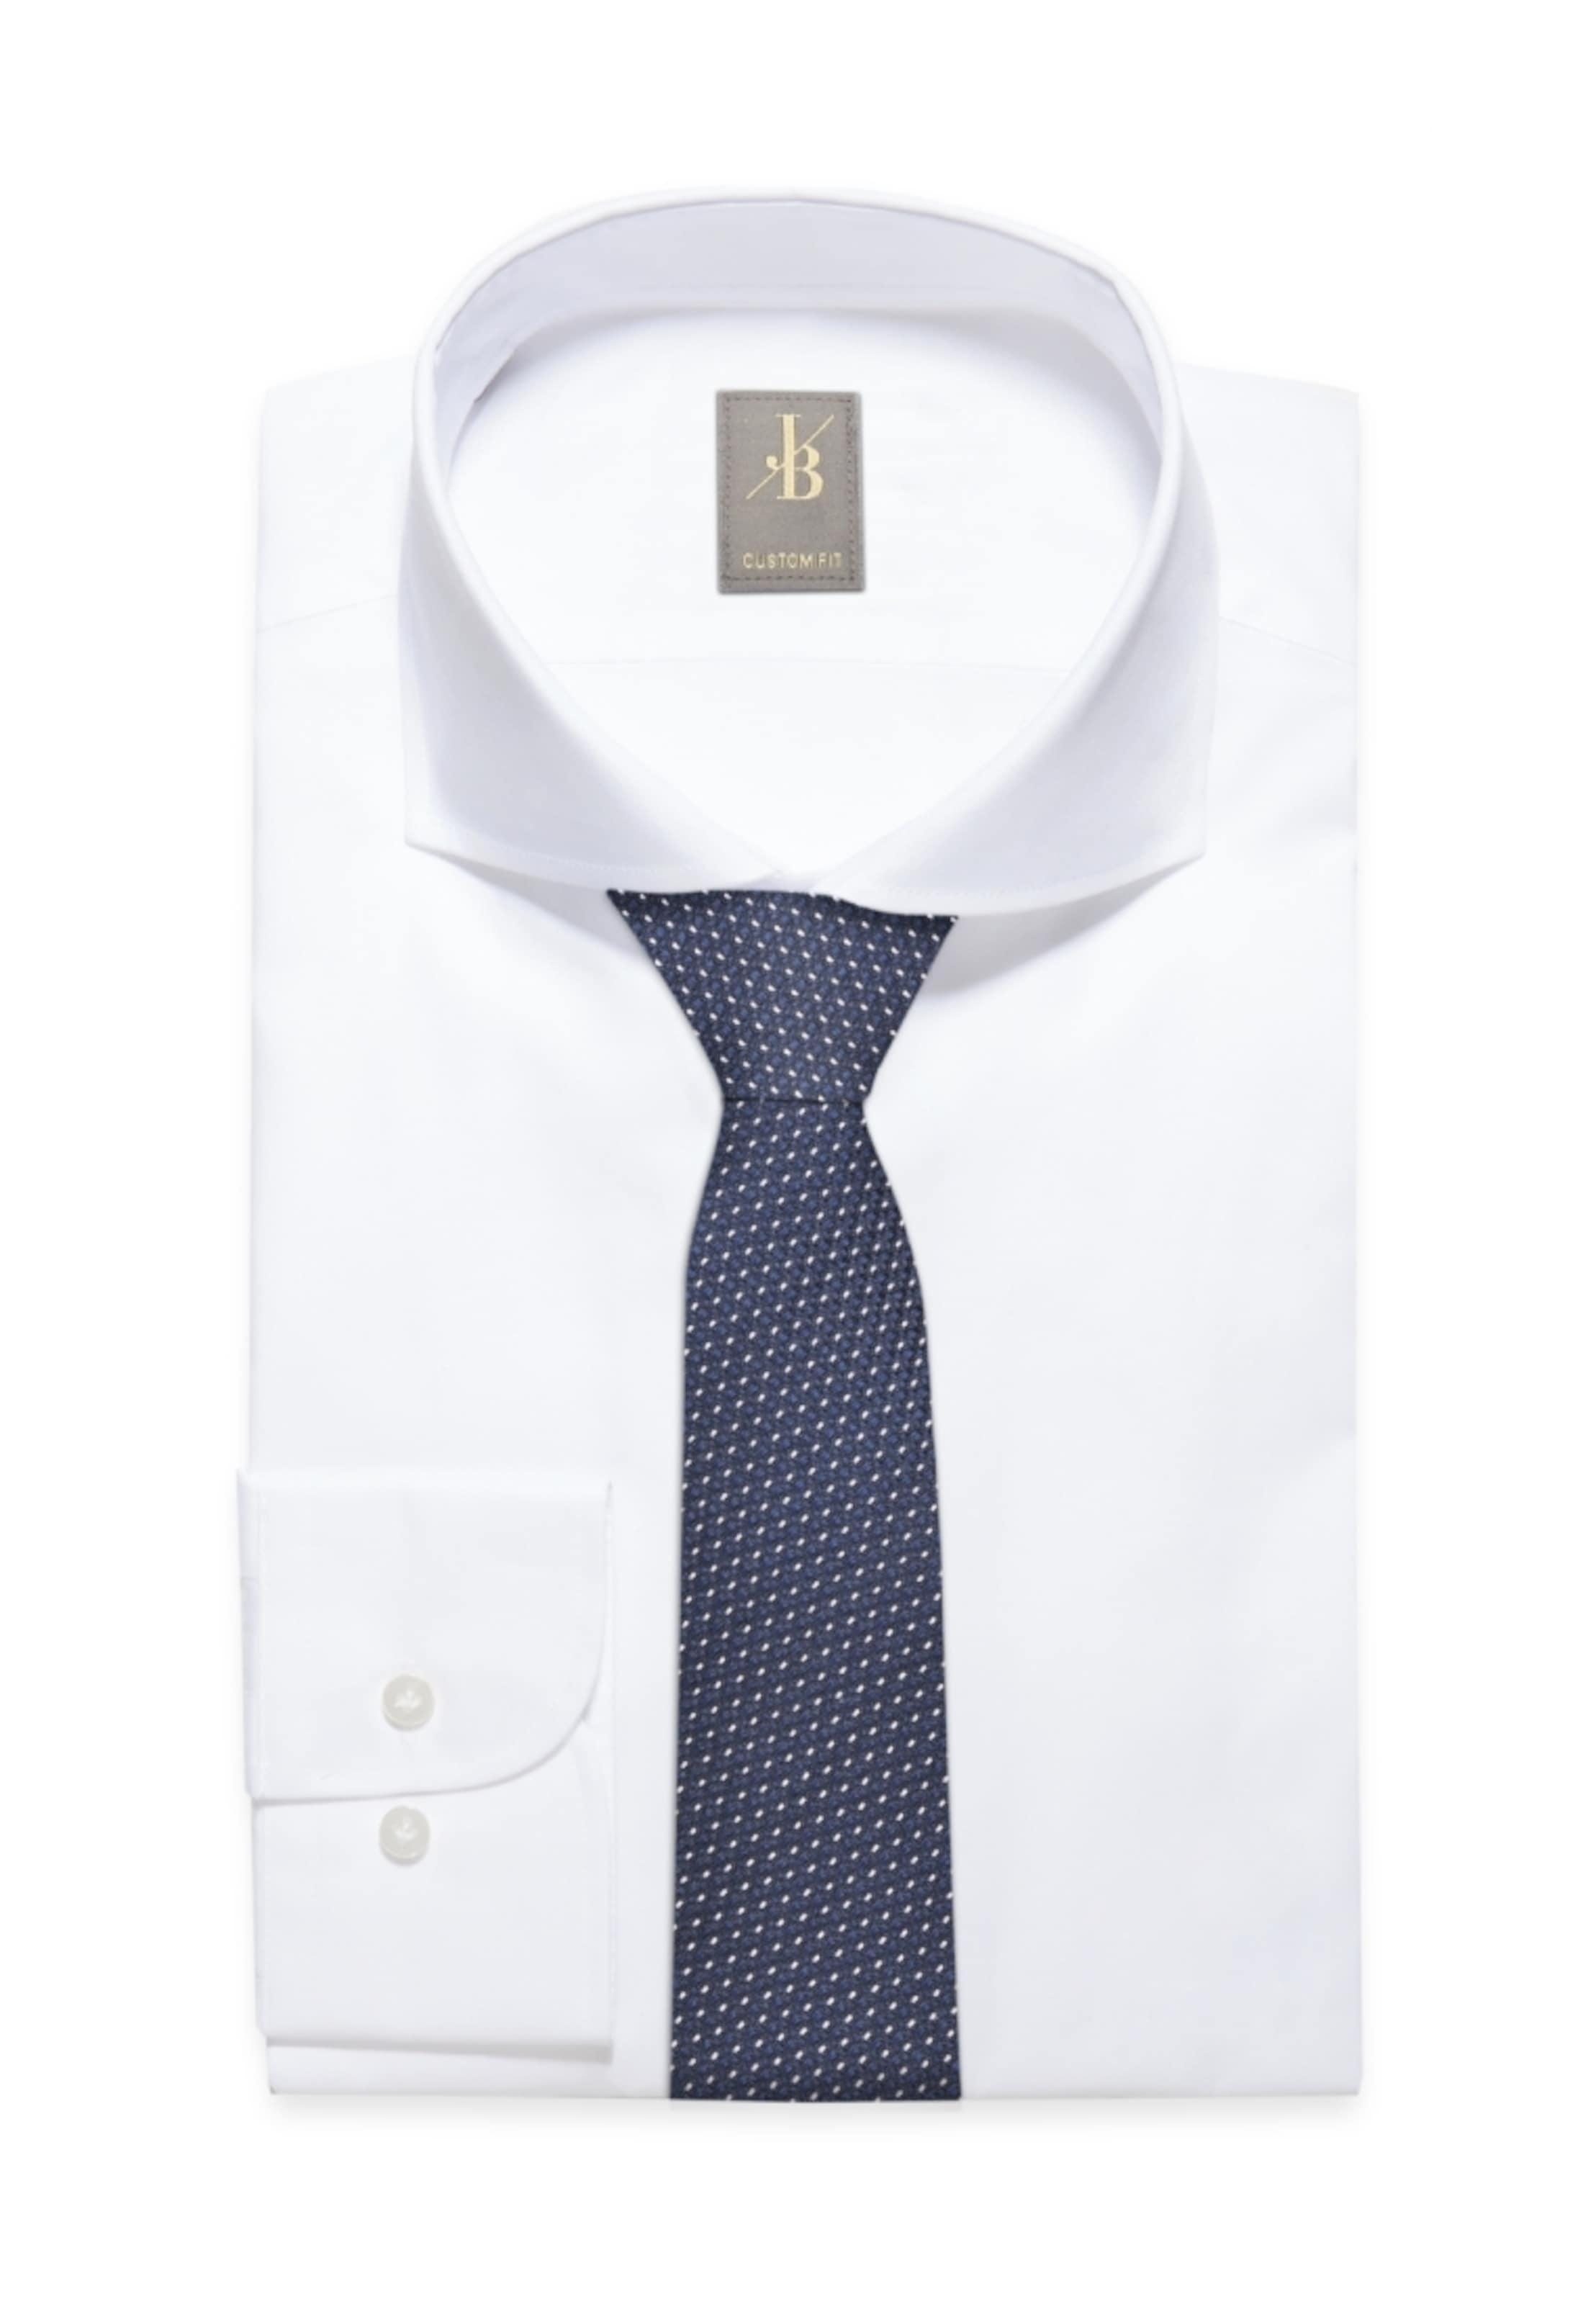 Rabatt Footaction Verkauf Wahl Jacques Britt Krawatte ' Custom Fit ' Billig Verkauf Shop Sehr Billig OHe0tb